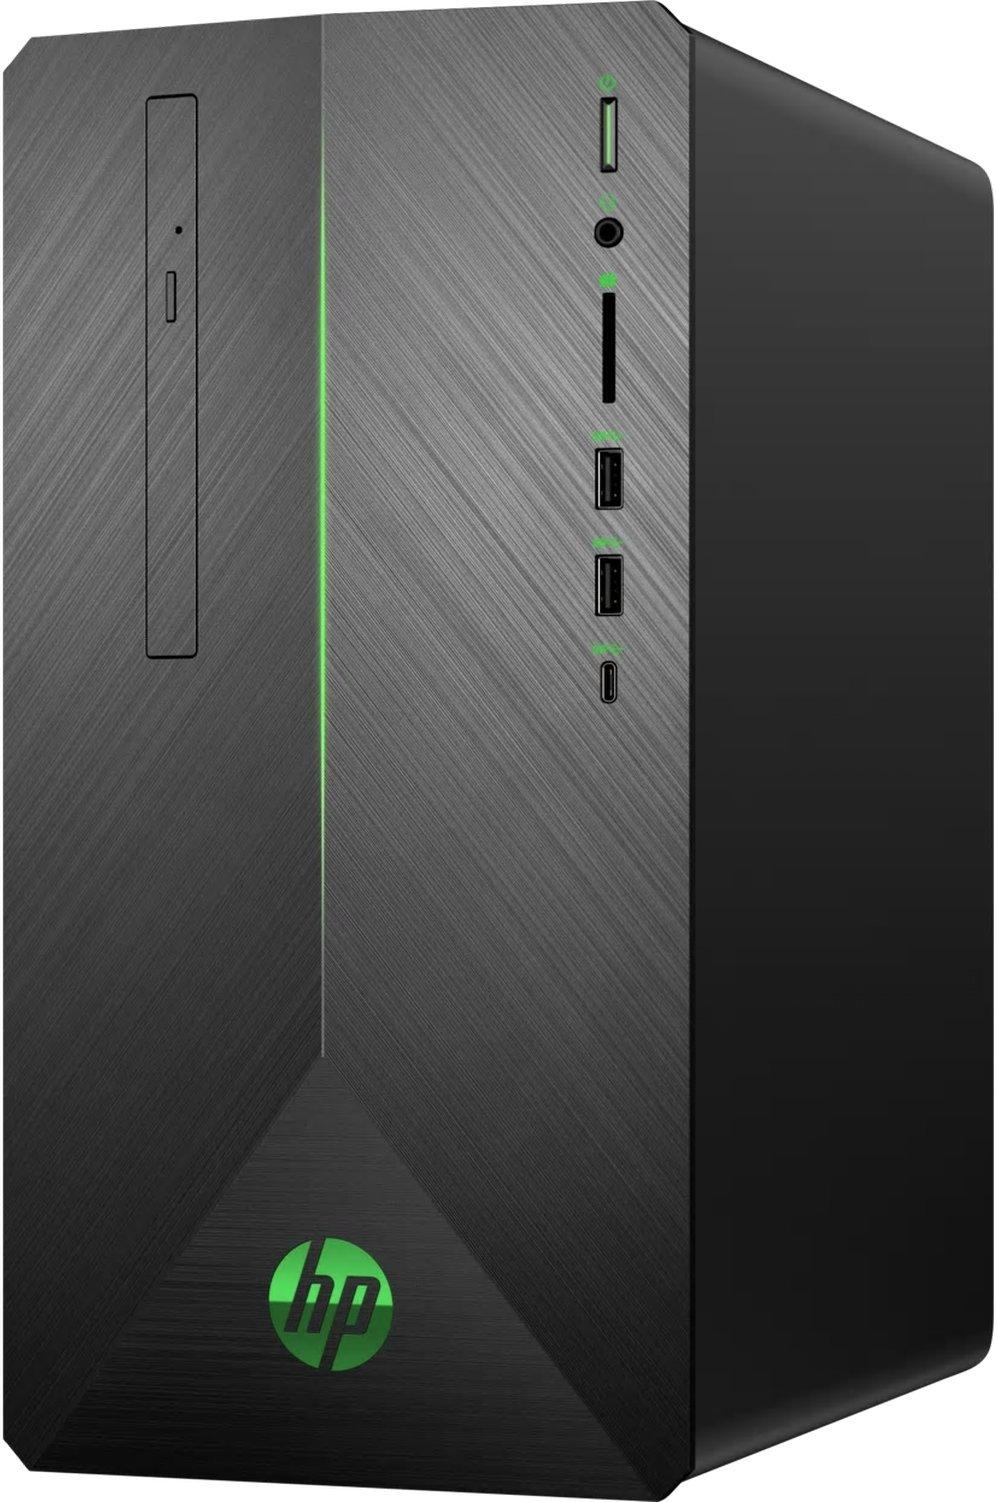 HP Pavilion Gaming 790-0024no